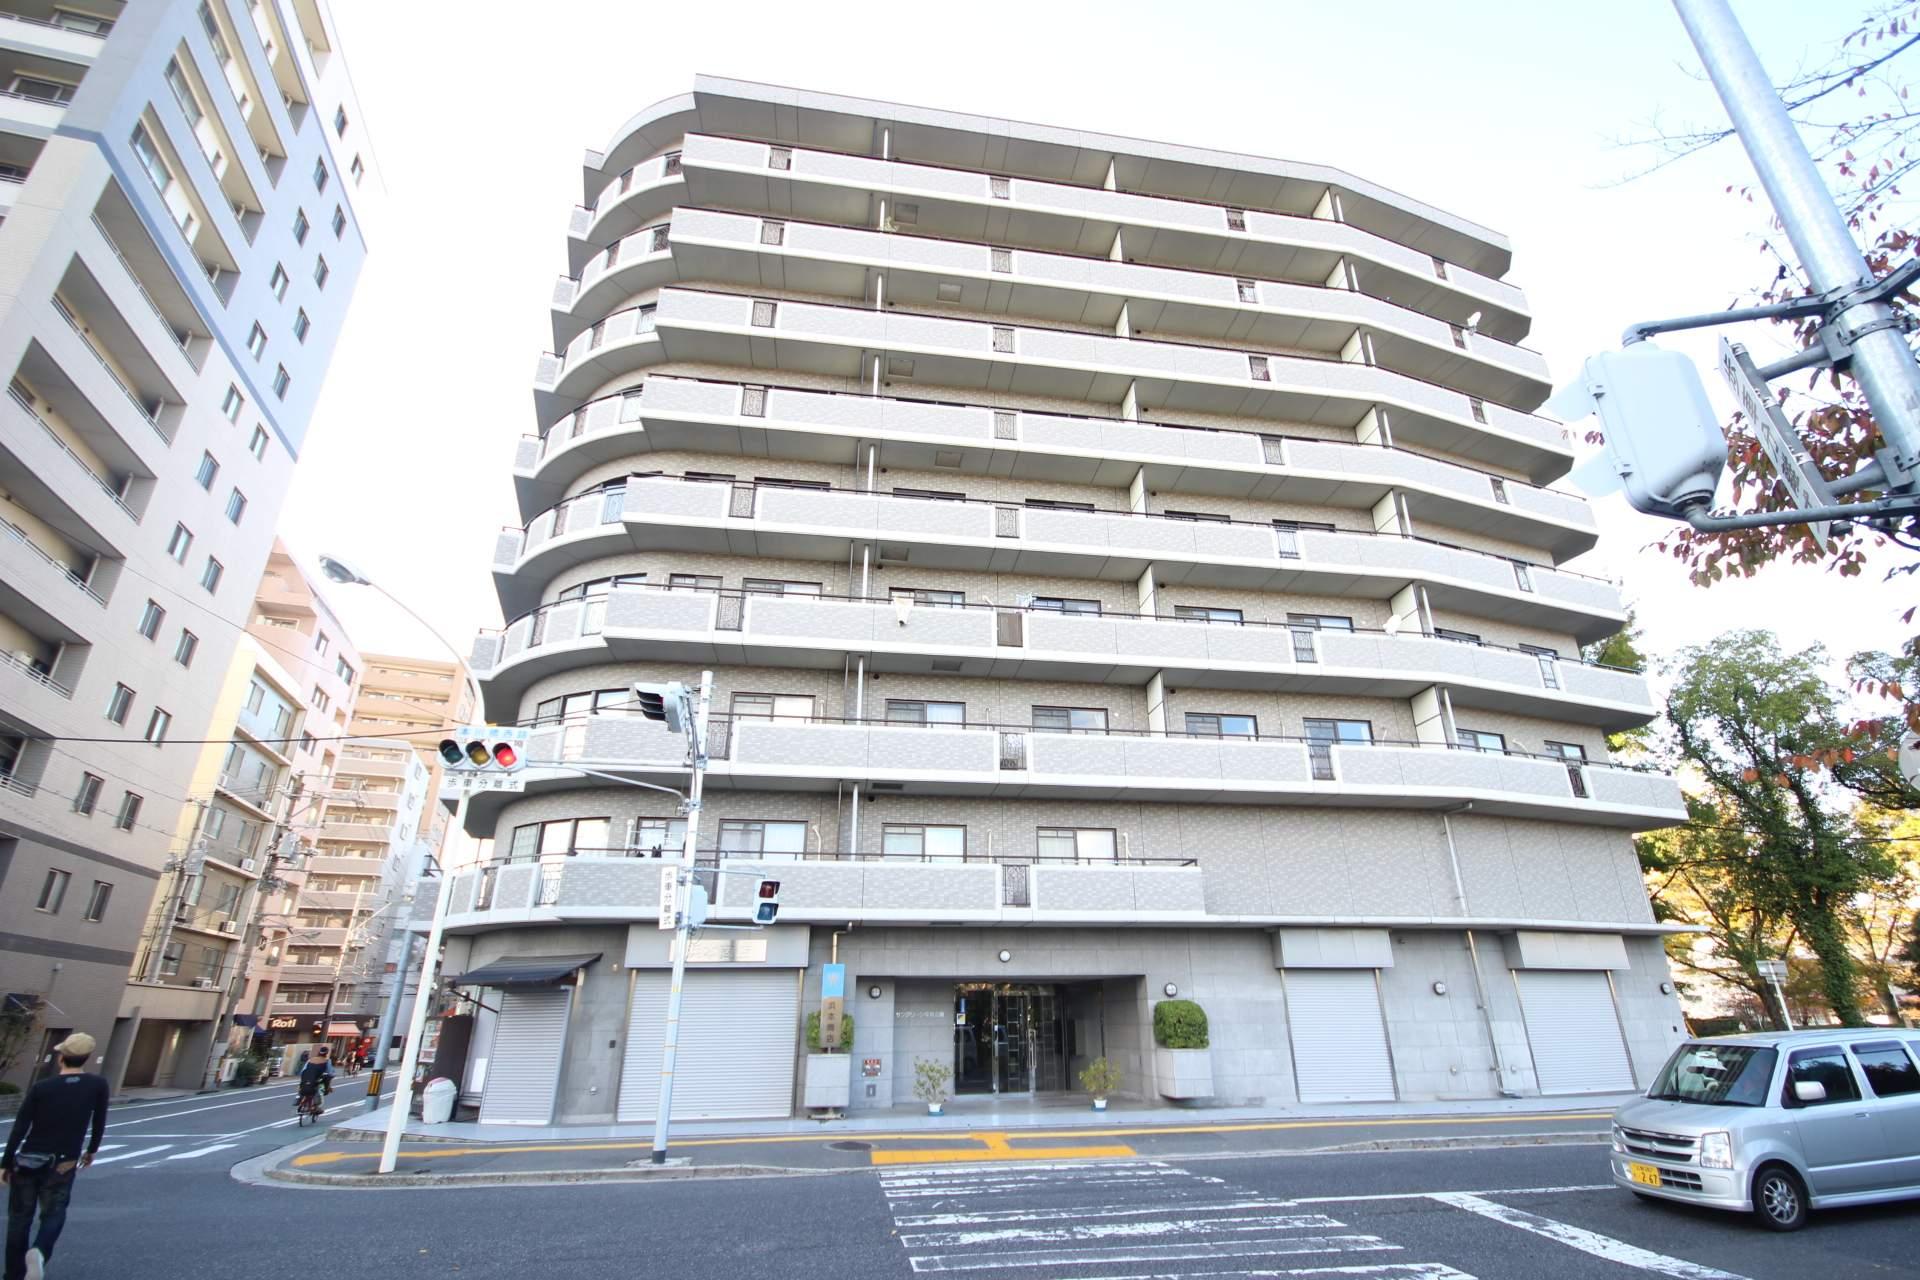 広島県広島市中区、原爆ドーム前駅徒歩7分の築16年 9階建の賃貸マンション